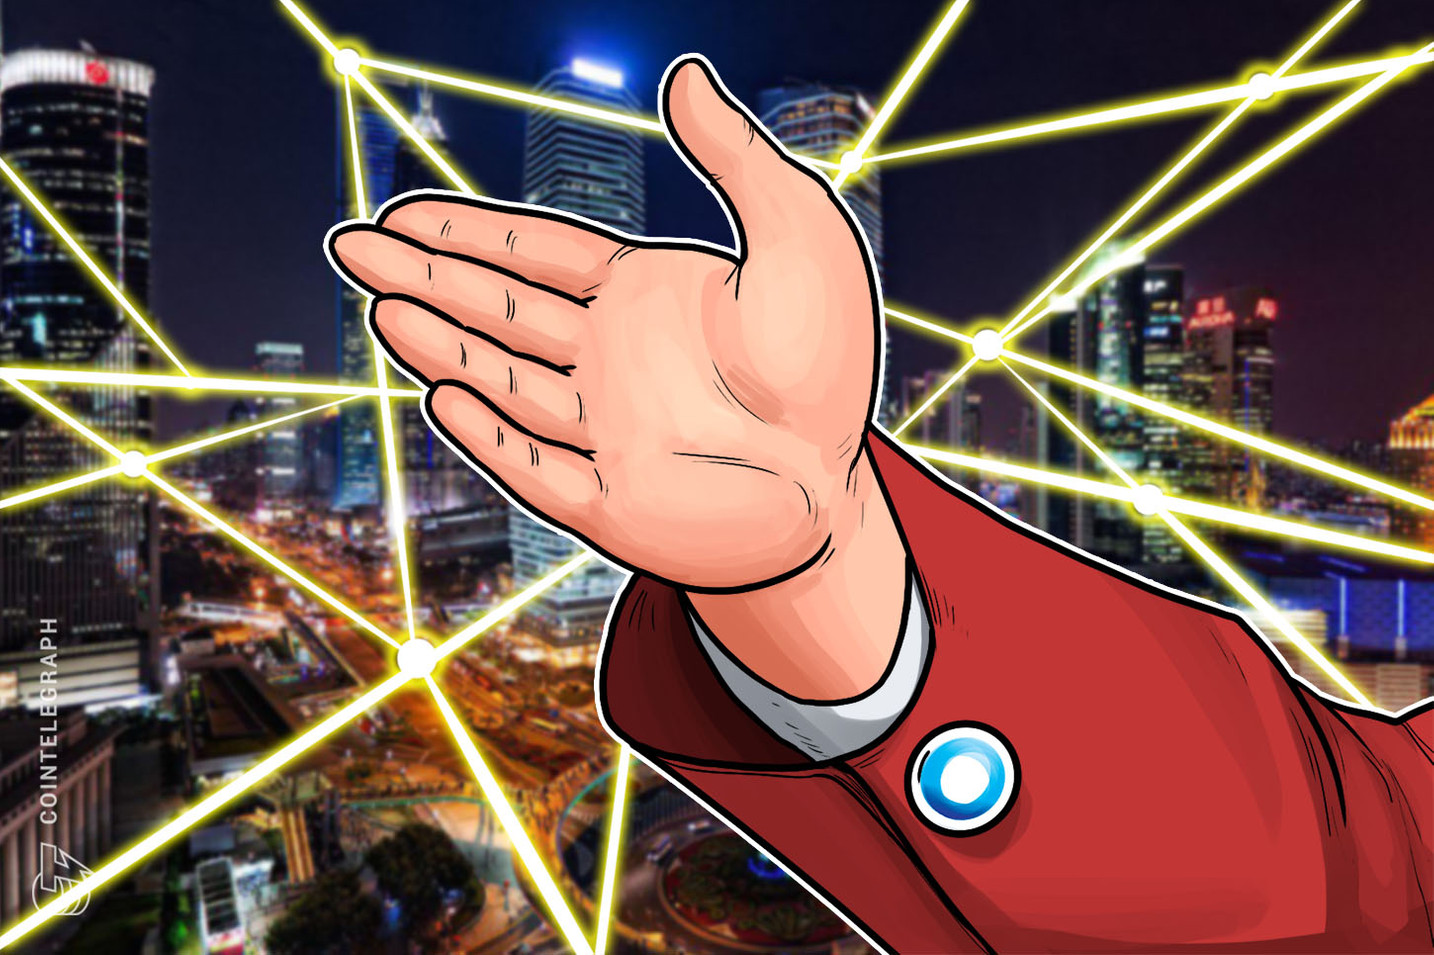 ConsenSys firma un memorando de entendimiento con la 'ciudad inteligente' de China de Xiongan para la consultoría Blockchain